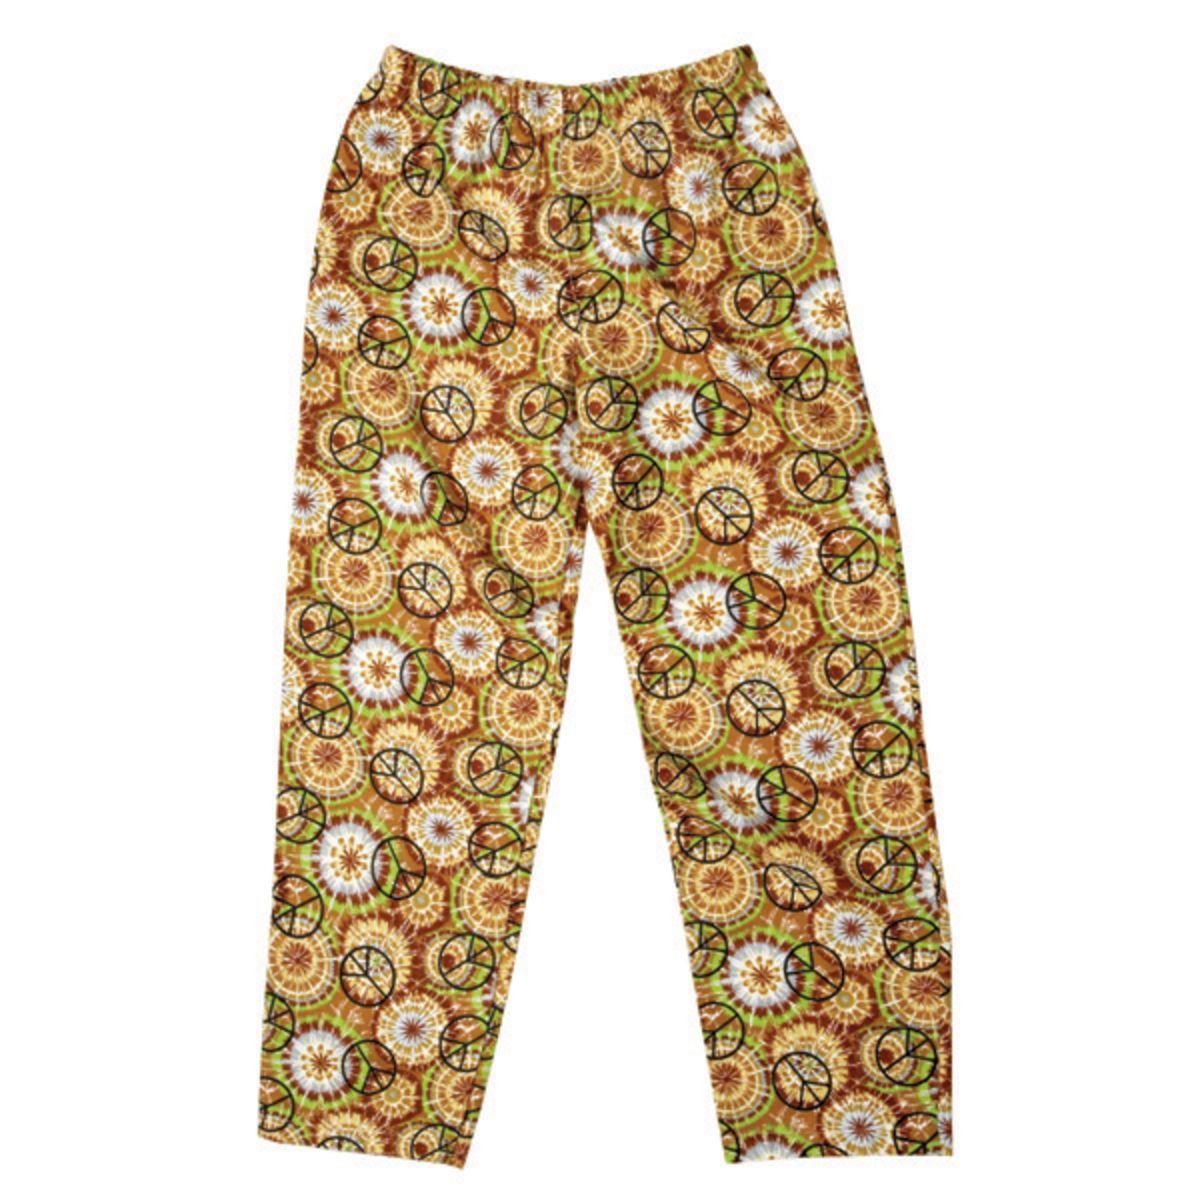 Hippie Pajama Pants